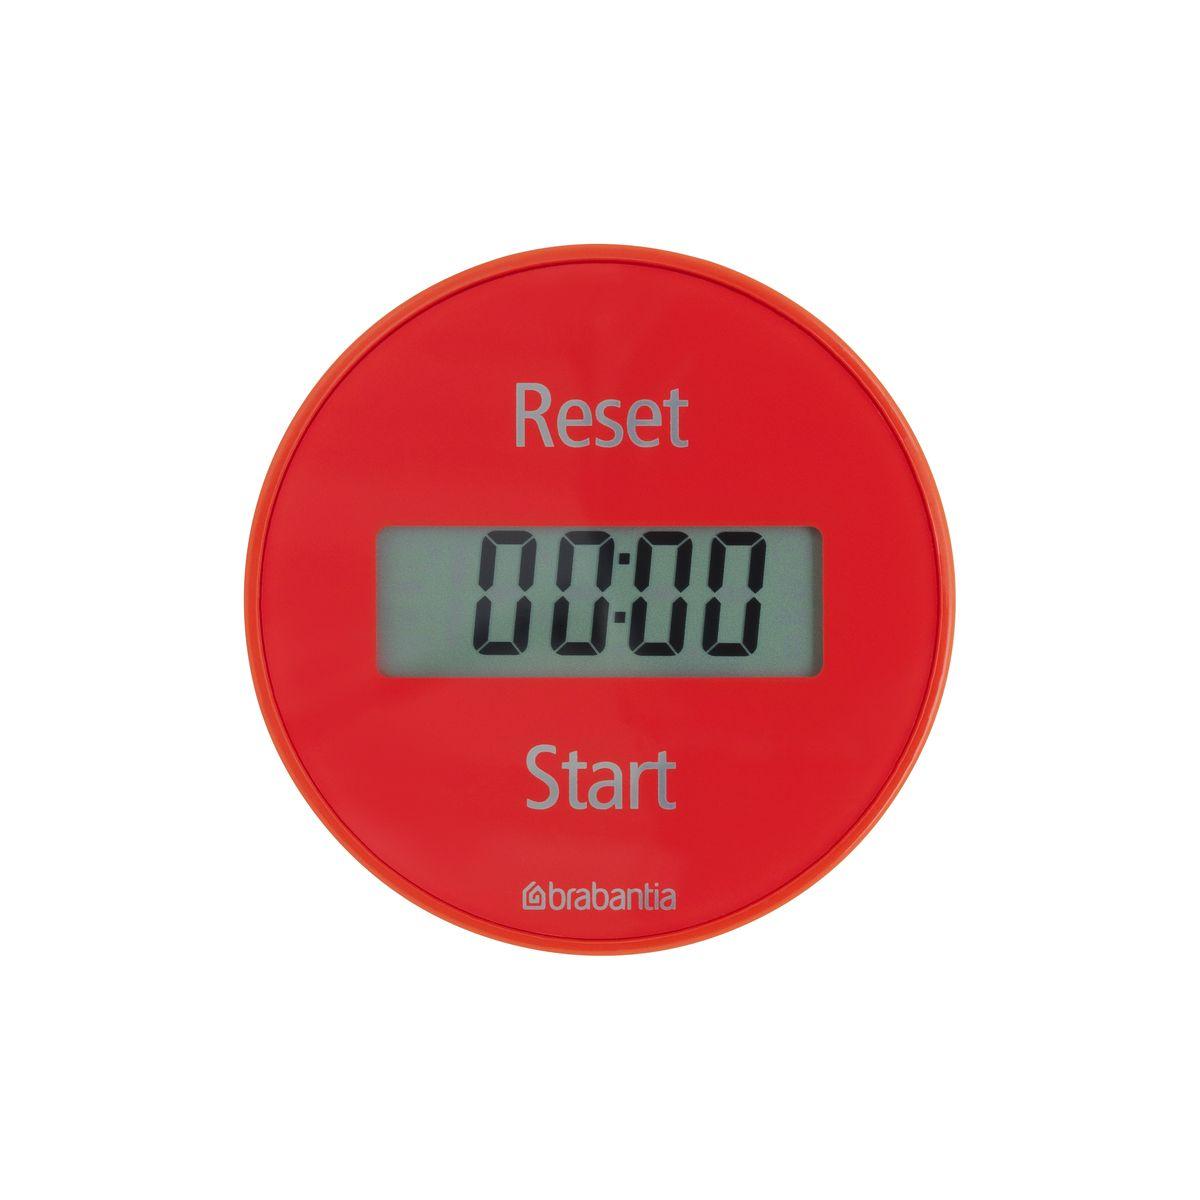 Кухонный таймер Brabantia Tasty Colours103704Кухонный таймер на магните с прямым и обратным отсчетом в диапазоне до 99 минут. Просто поверните внешнее кольцо прибора для установки времени, необходимого для приготовления Вашего любимого блюда. Звуковой сигнал известит Вас о готовности. Таймер легко и быстро устанавливается с помощью внешнего кольца - просто поверните; Удобное крепление - на магните; Функция таймера и секундомера; В комплект входит батарея CR2032; 5-летняя гарантия Brabantia.